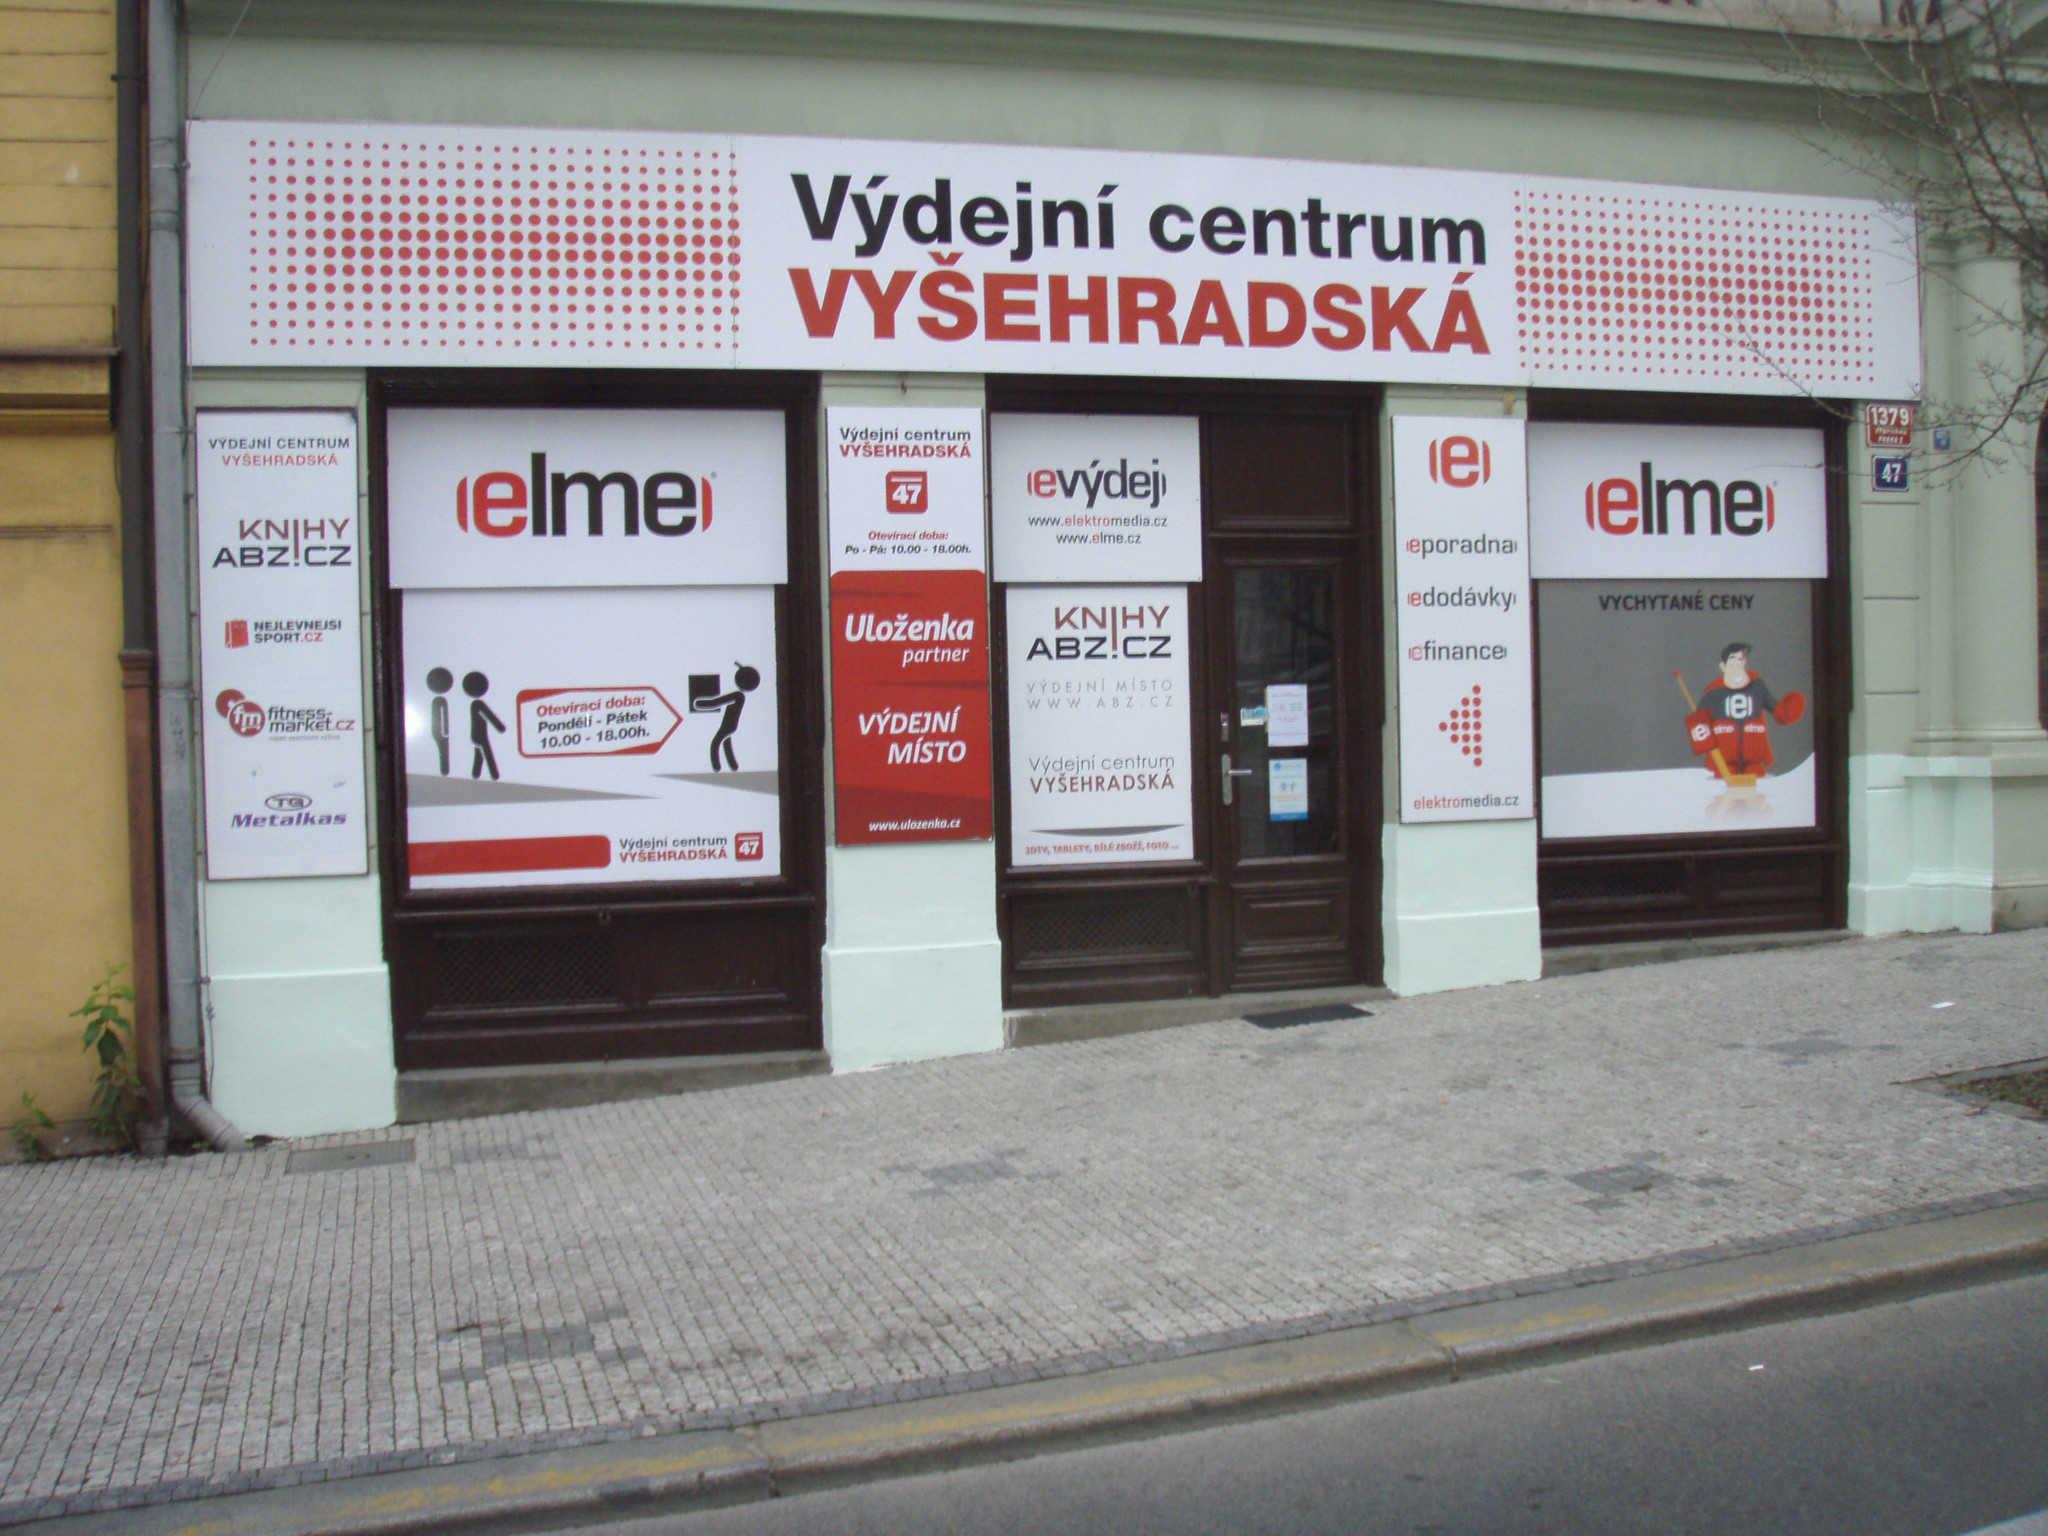 Pobočka Praha 2, Vyšehradská 47 (Výdejní centrum Vyšehradská)